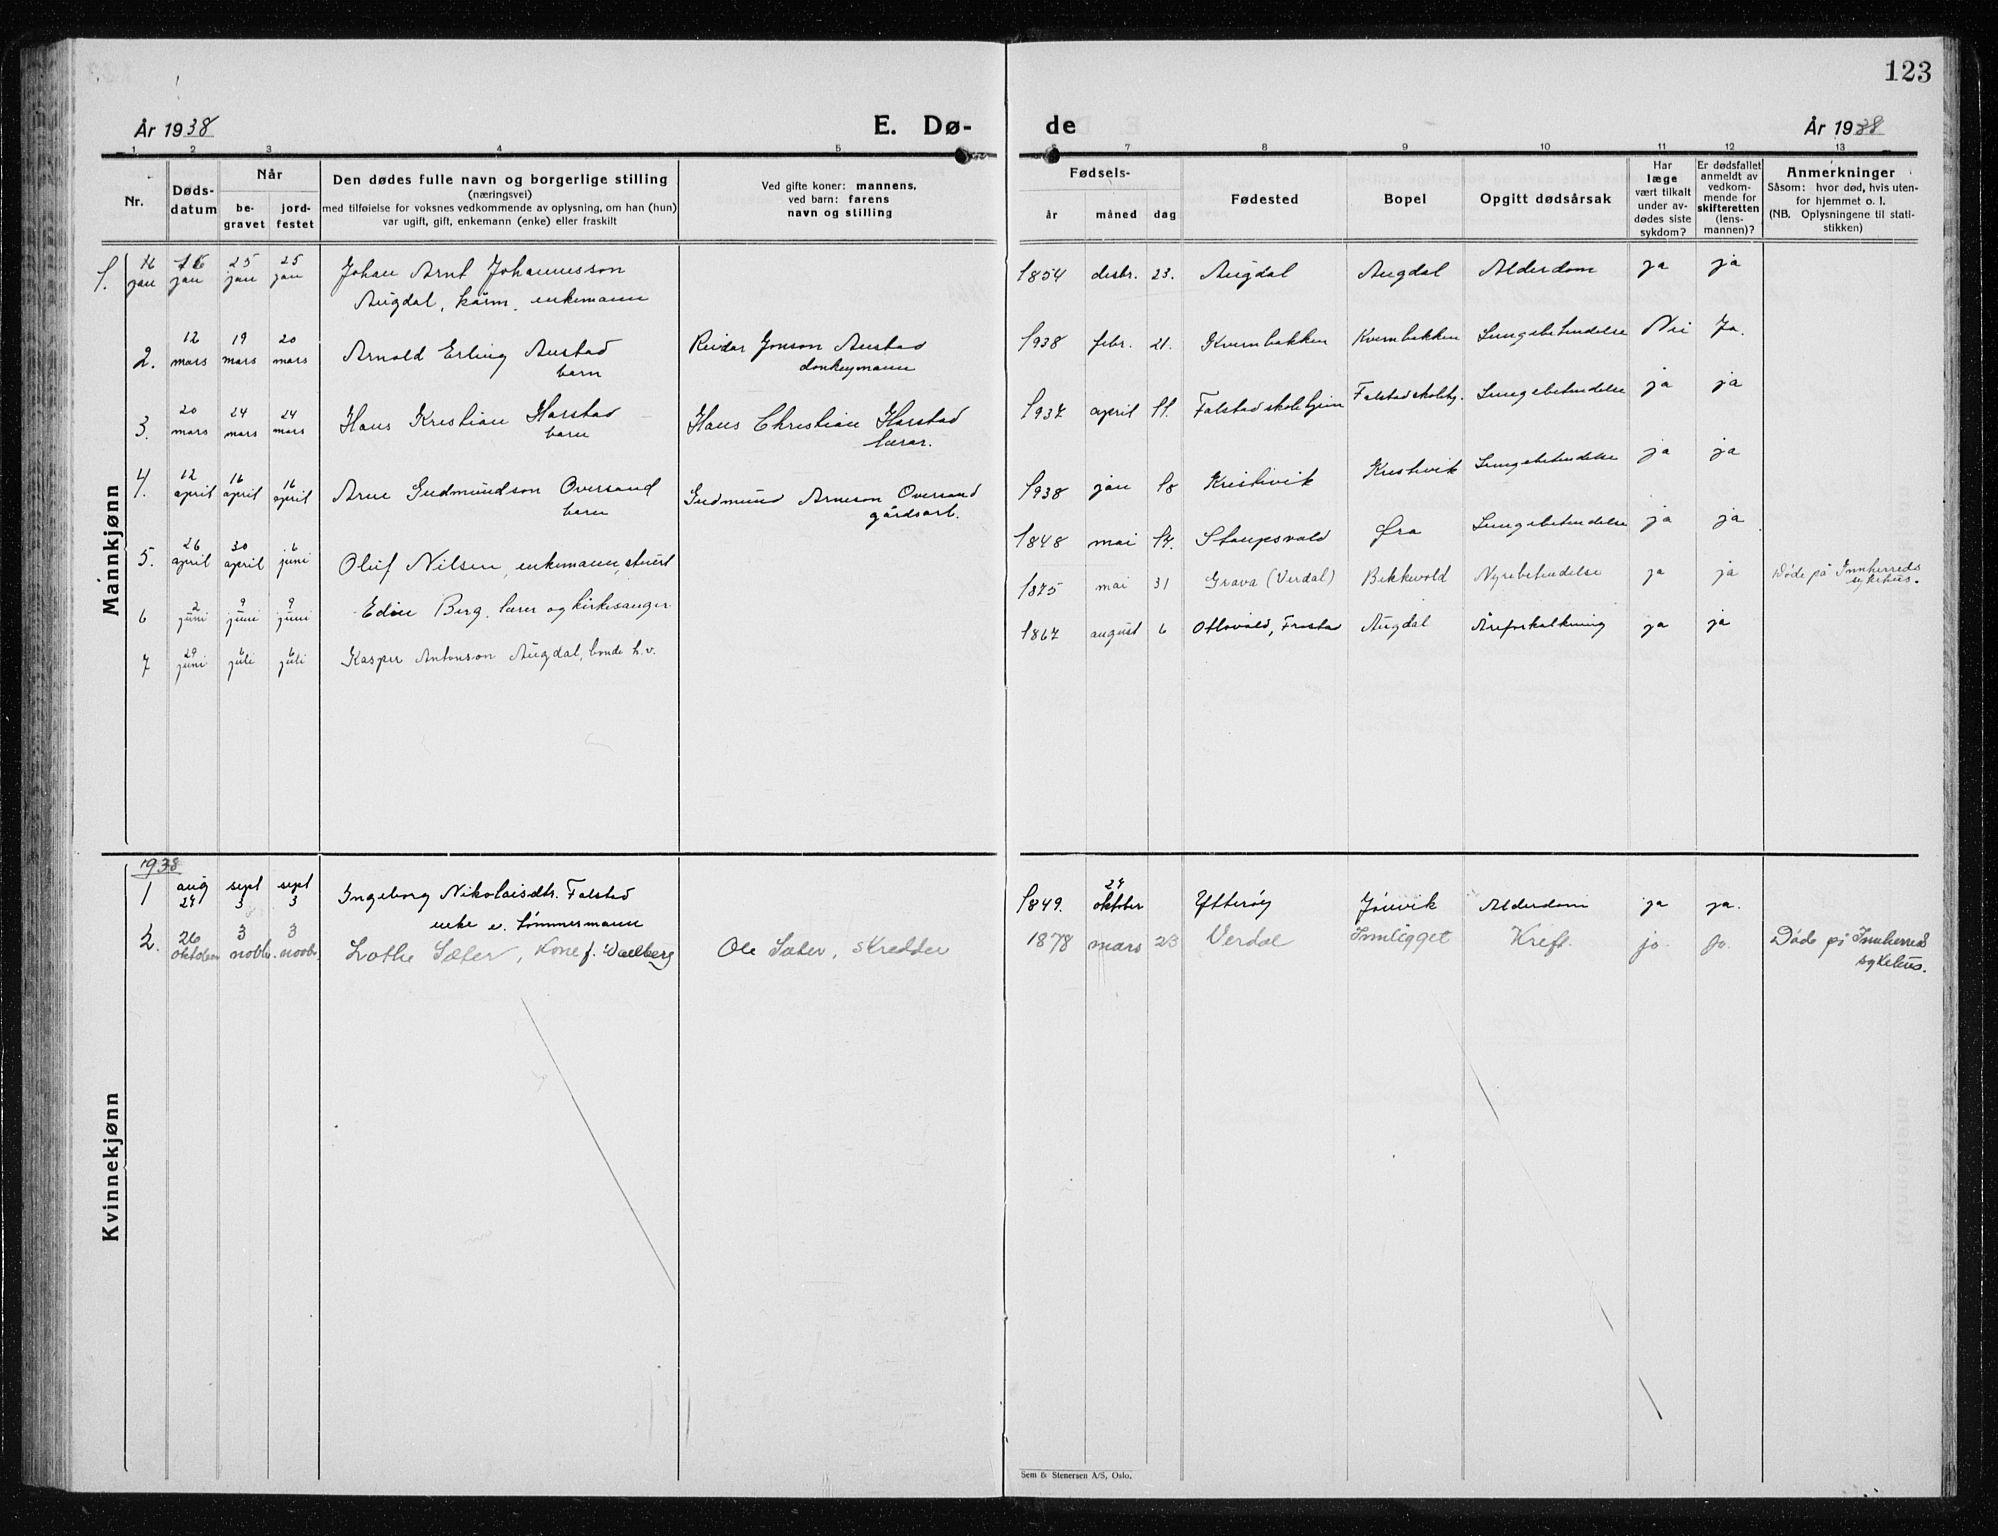 SAT, Ministerialprotokoller, klokkerbøker og fødselsregistre - Nord-Trøndelag, 719/L0180: Klokkerbok nr. 719C01, 1878-1940, s. 123